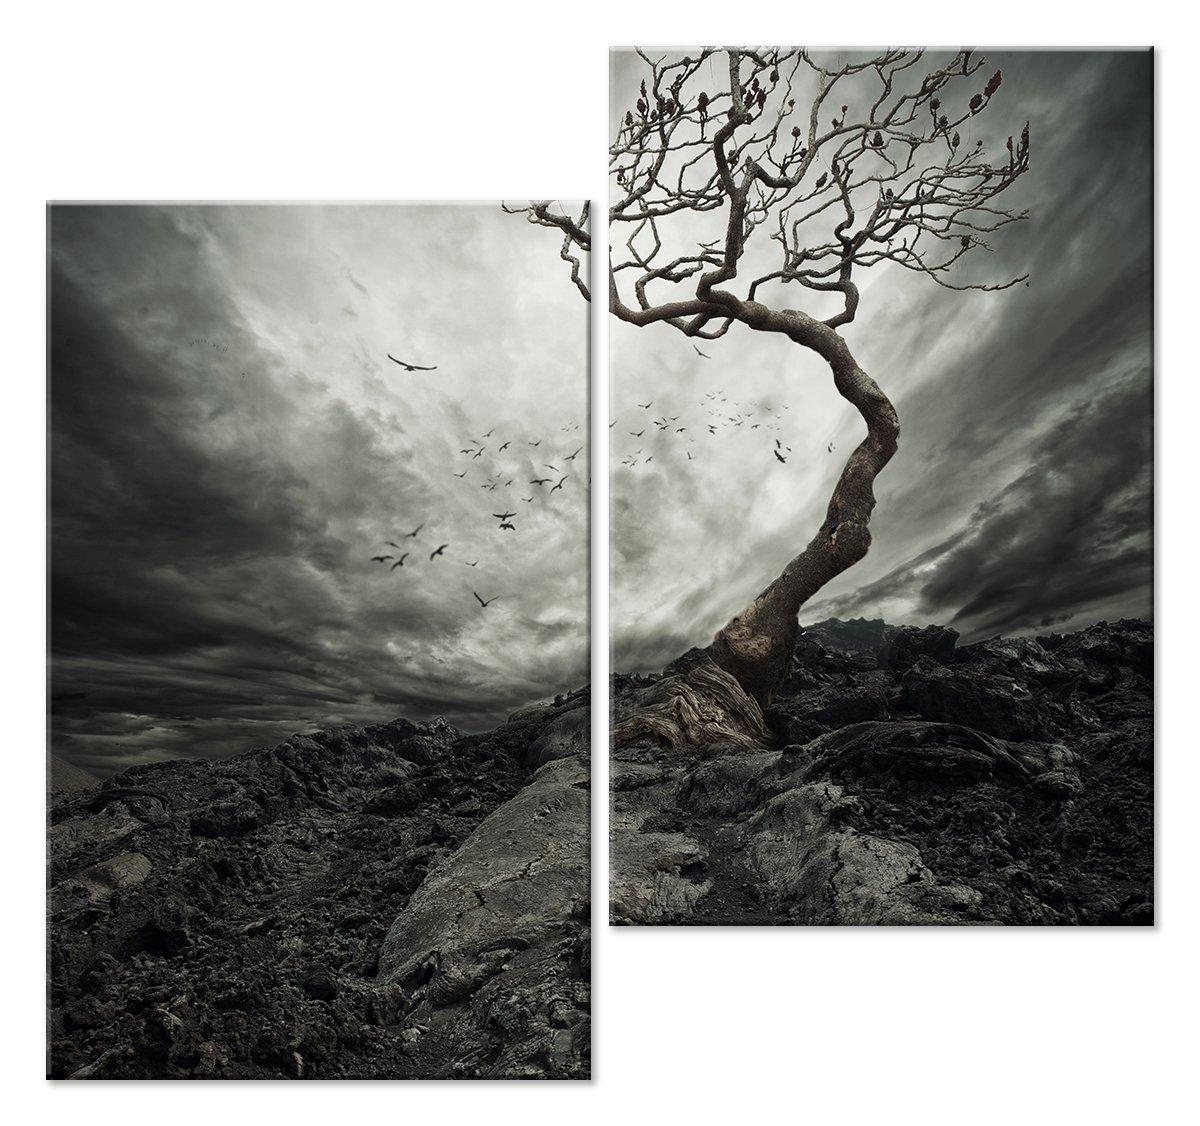 Модульная картина «Дерево одиночества»Природа<br>Модульная картина на натуральном холсте и деревянном подрамнике. Подвес в комплекте. Трехслойная надежная упаковка. Доставим в любую точку России. Вам осталось только повесить картину на стену!<br>